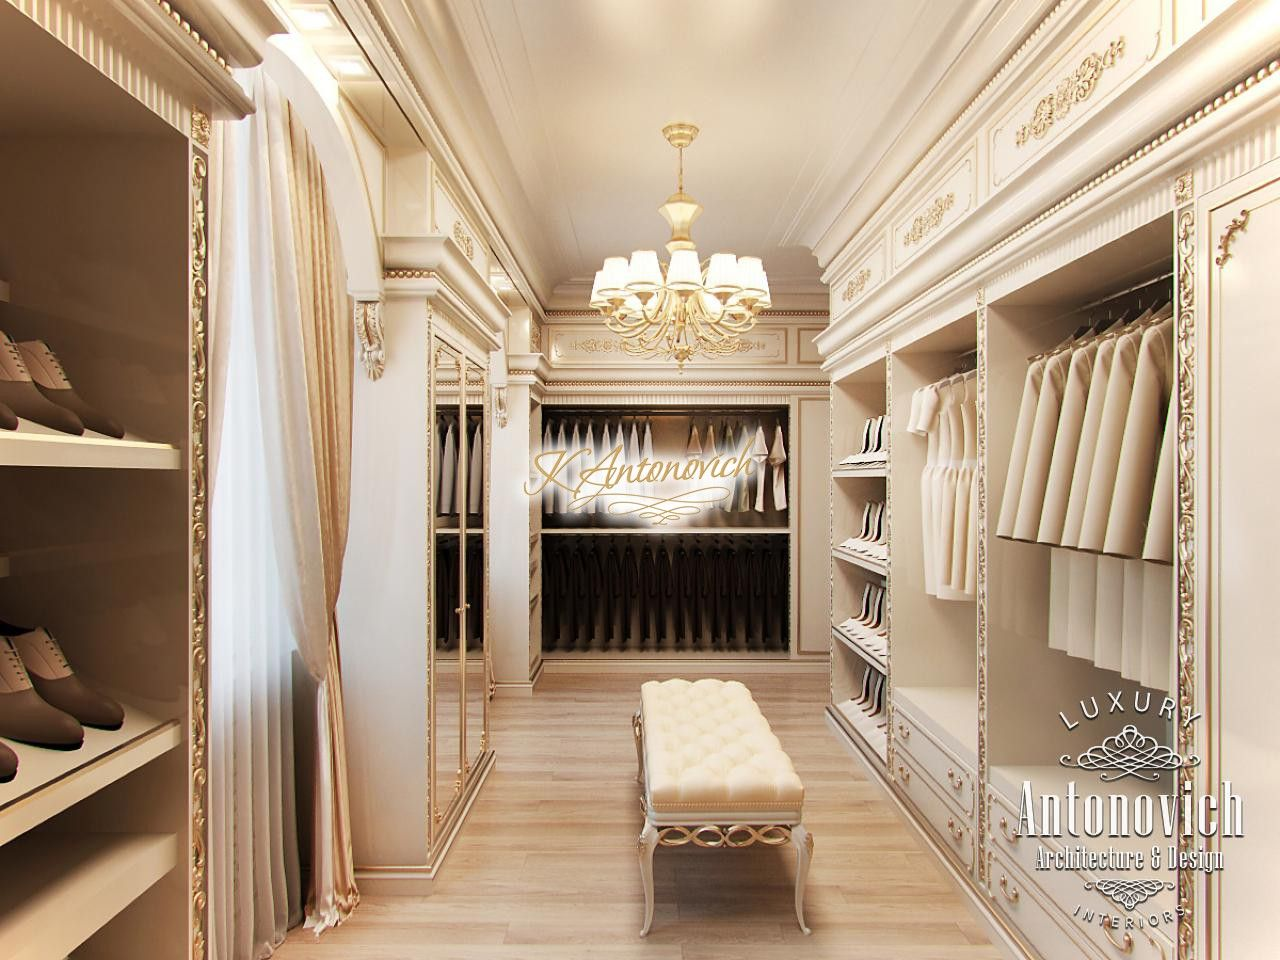 Luxury Dressing Room Interior UAE. Favorite concept design